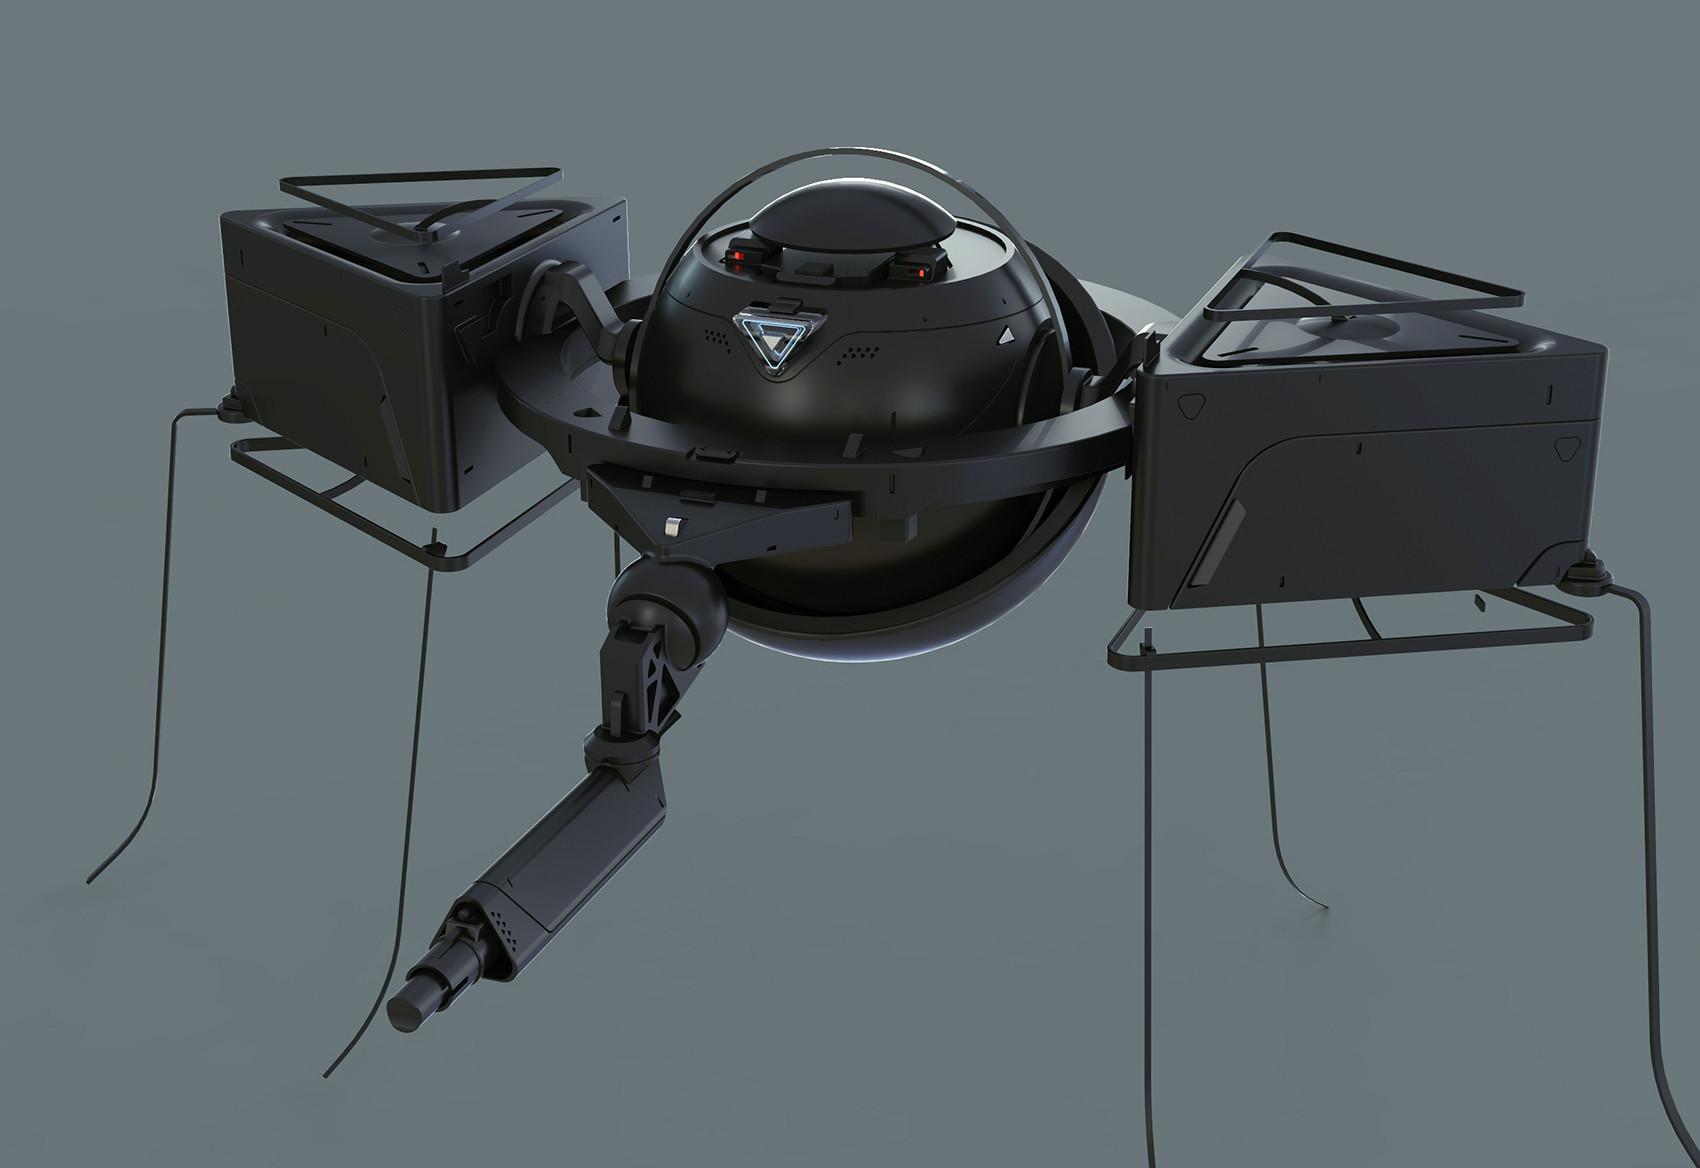 Chen liang drone b 01